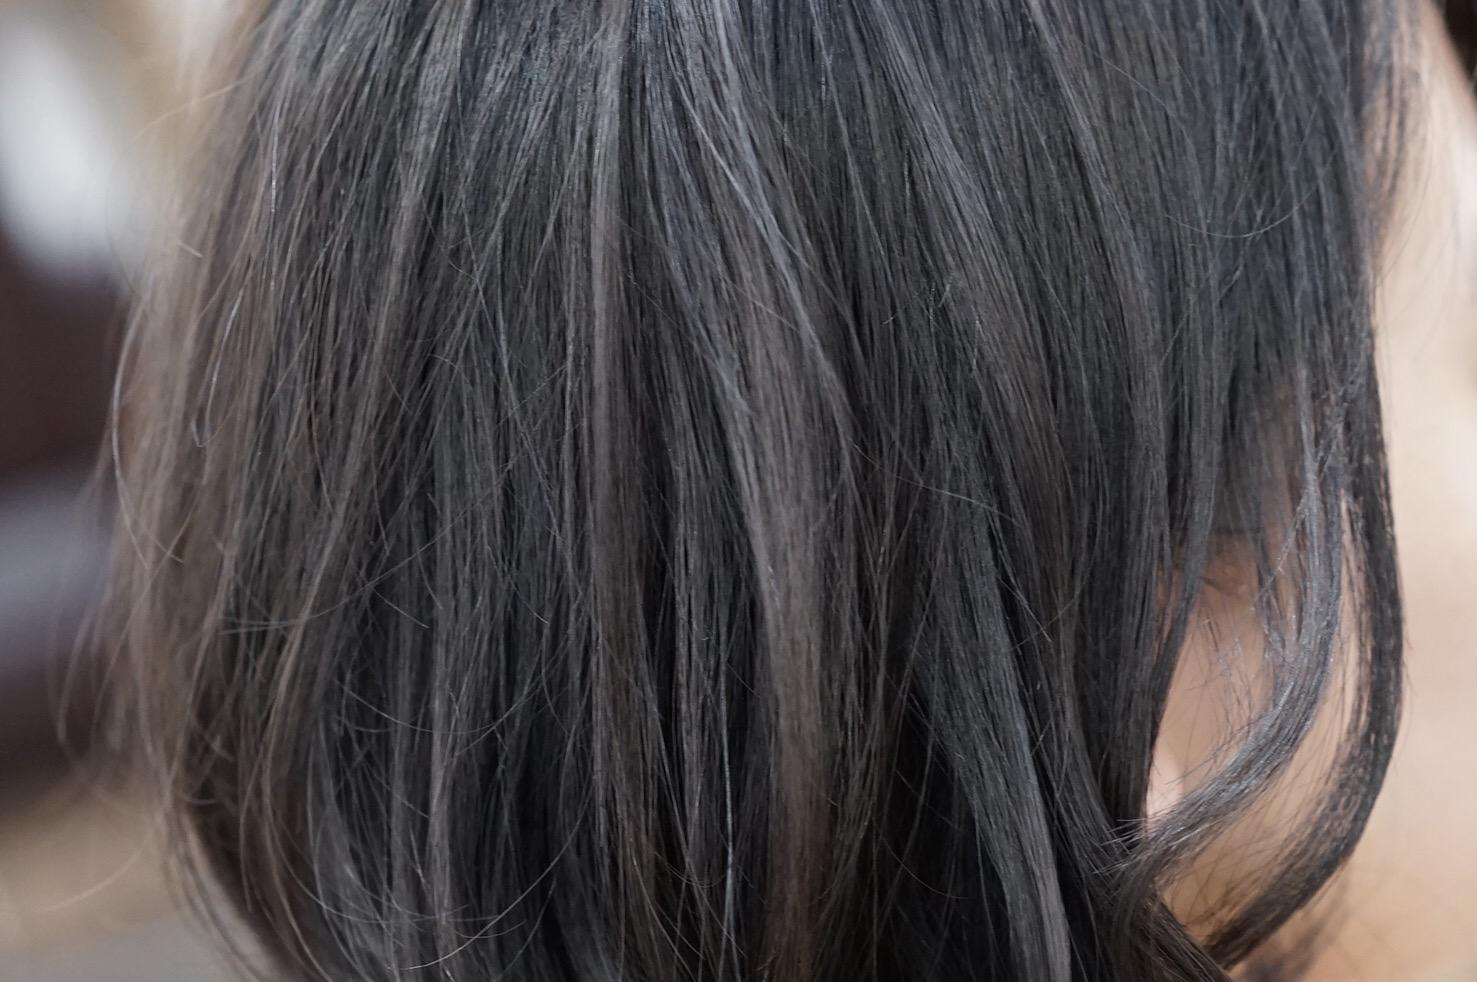 グレー ダーク アッシュ ダークアッシュの髪色は色落ち期間も楽しめる!抜けた後は何色?色持ちさせるコツも!